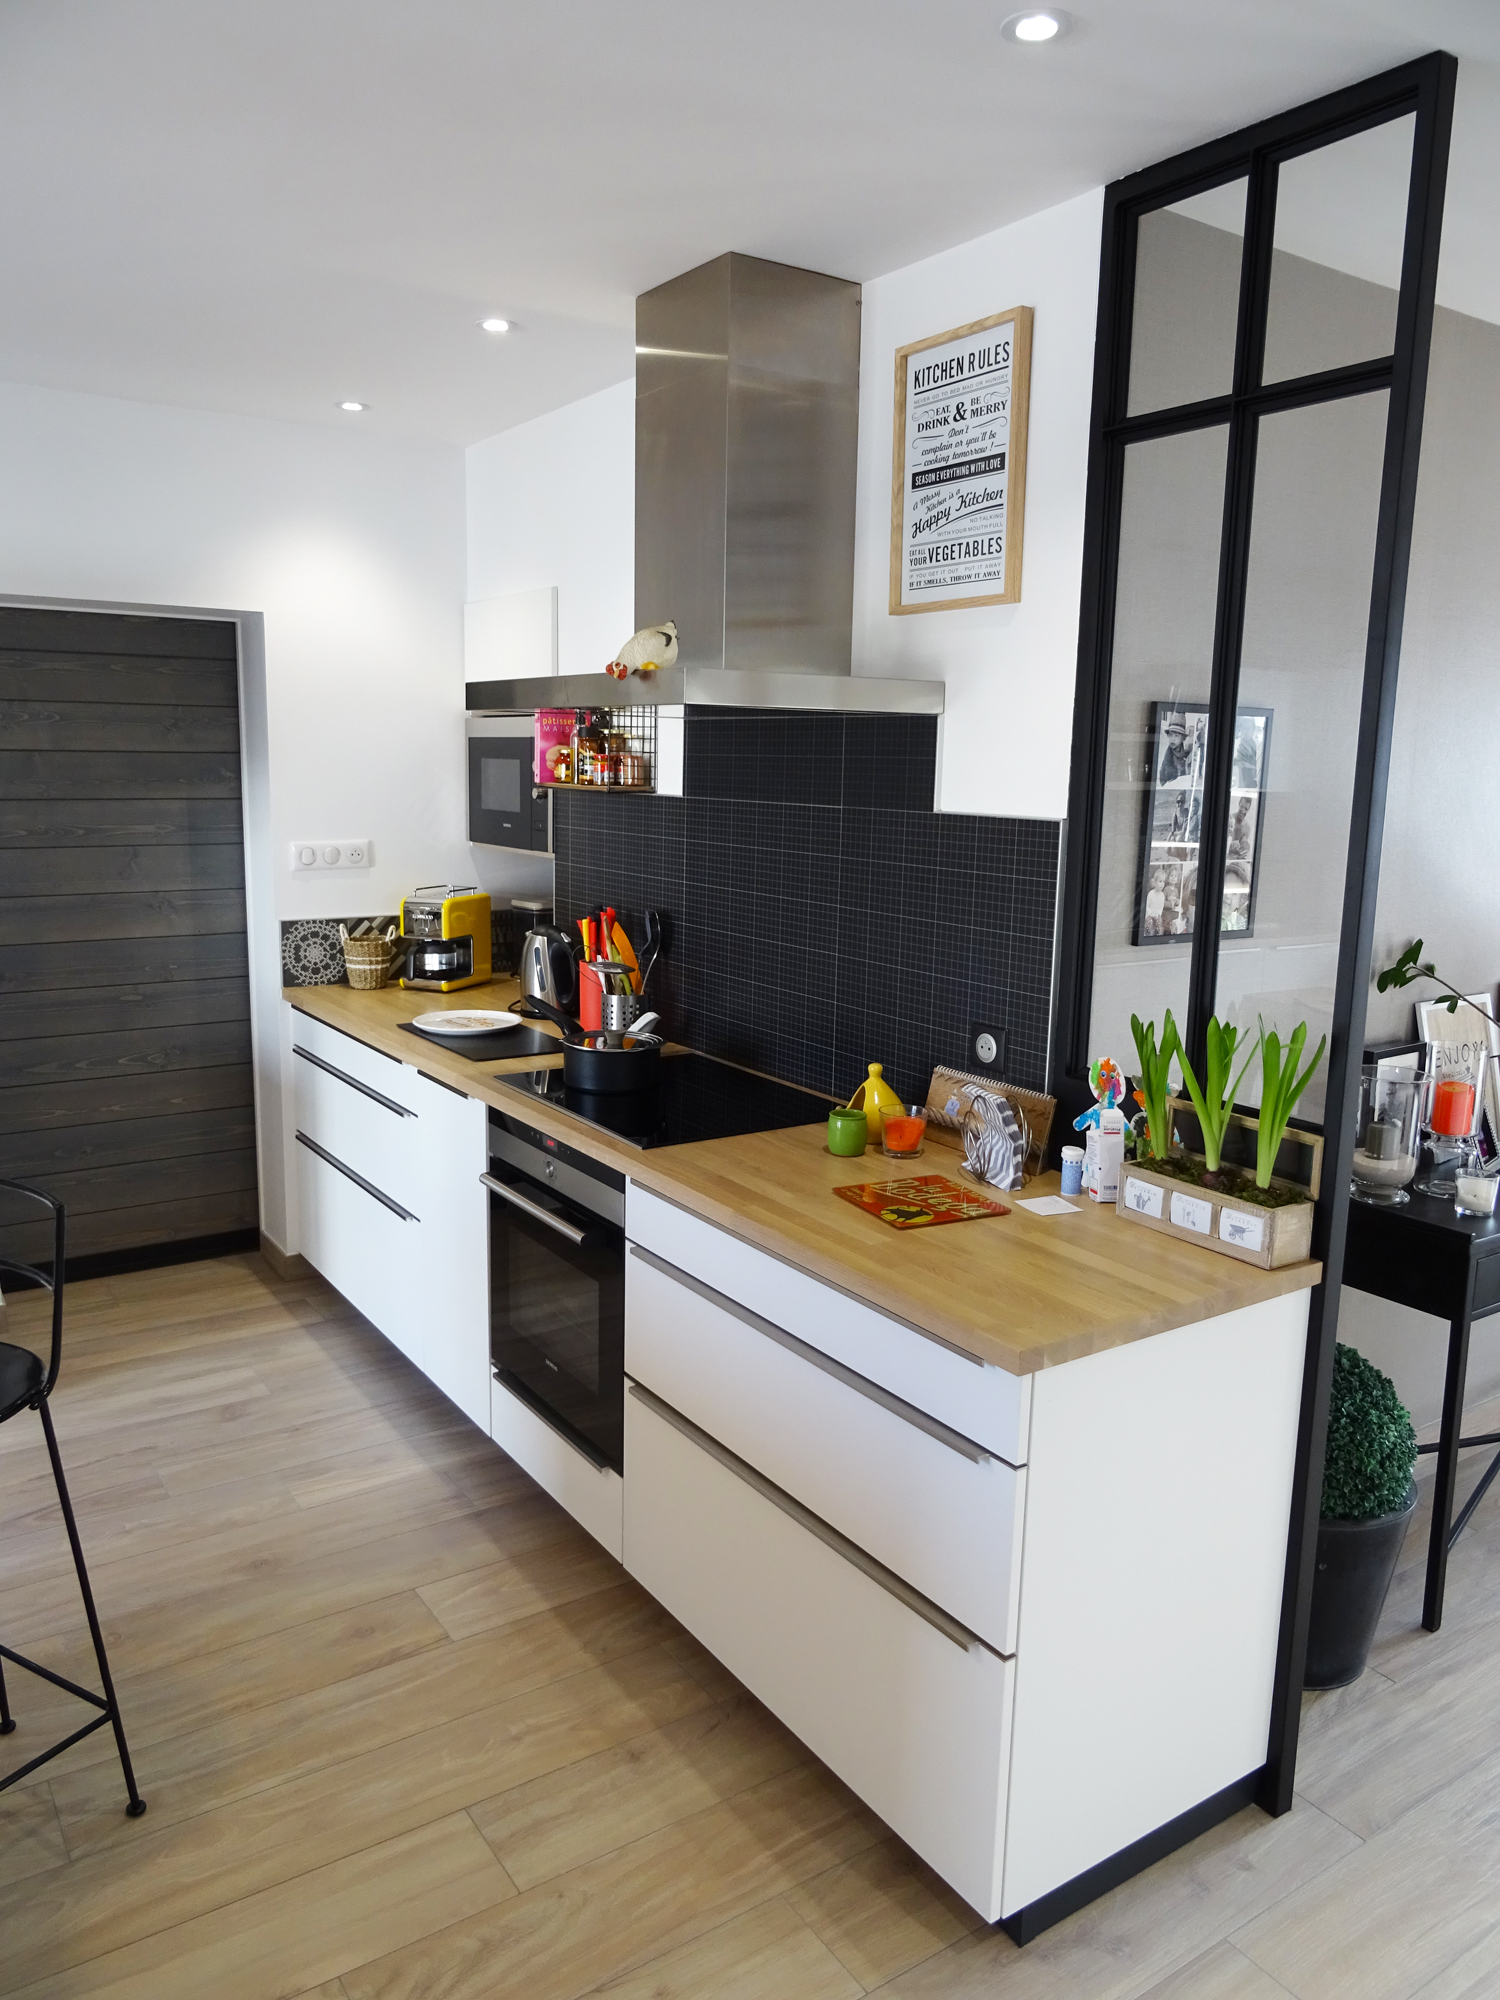 cuisine contemporaine avec verriere vendee st gilles les sables olonnes cuisines viaud. Black Bedroom Furniture Sets. Home Design Ideas